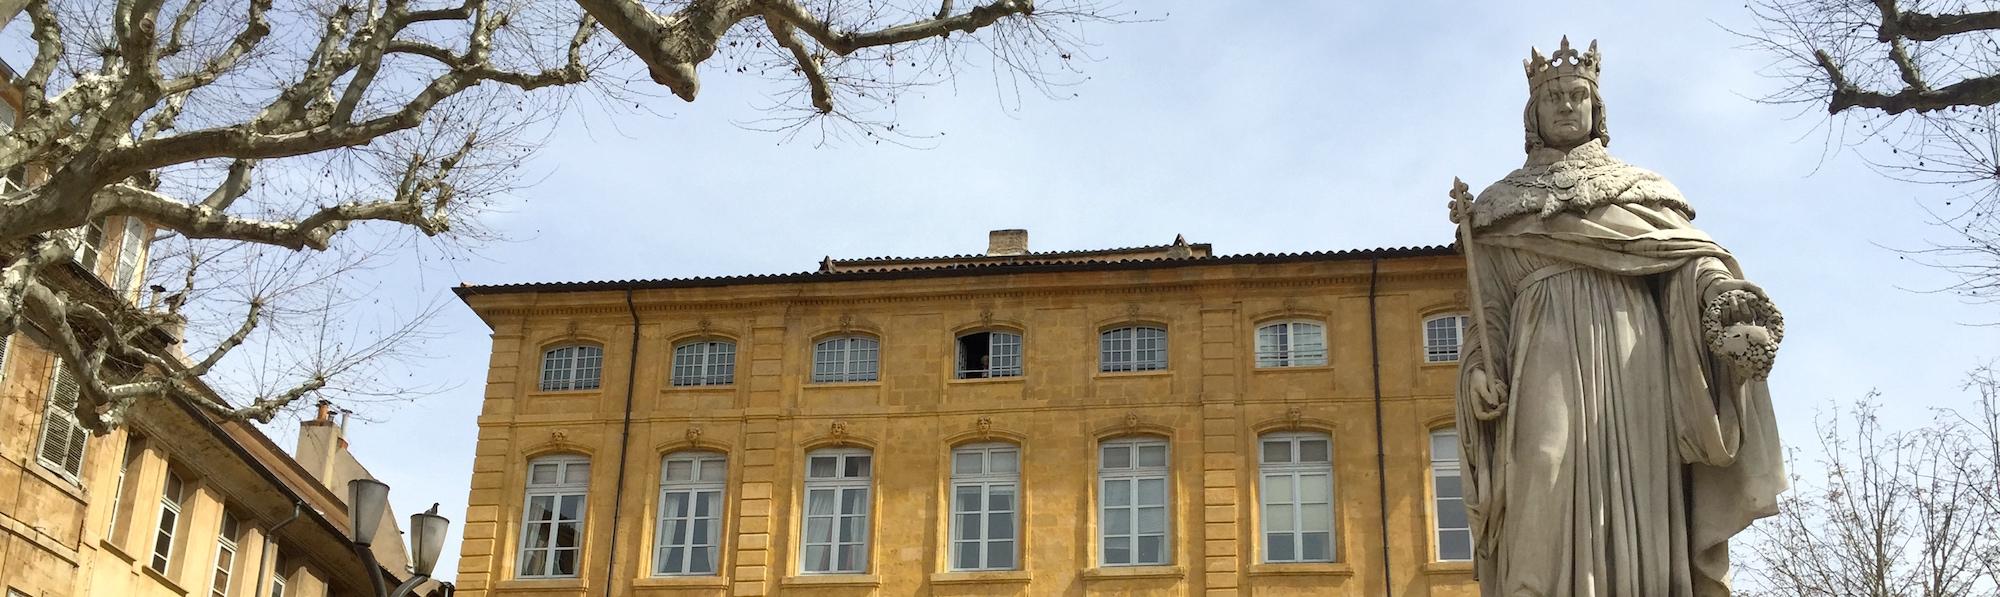 Paseo casco antiguo, Aix en Provence